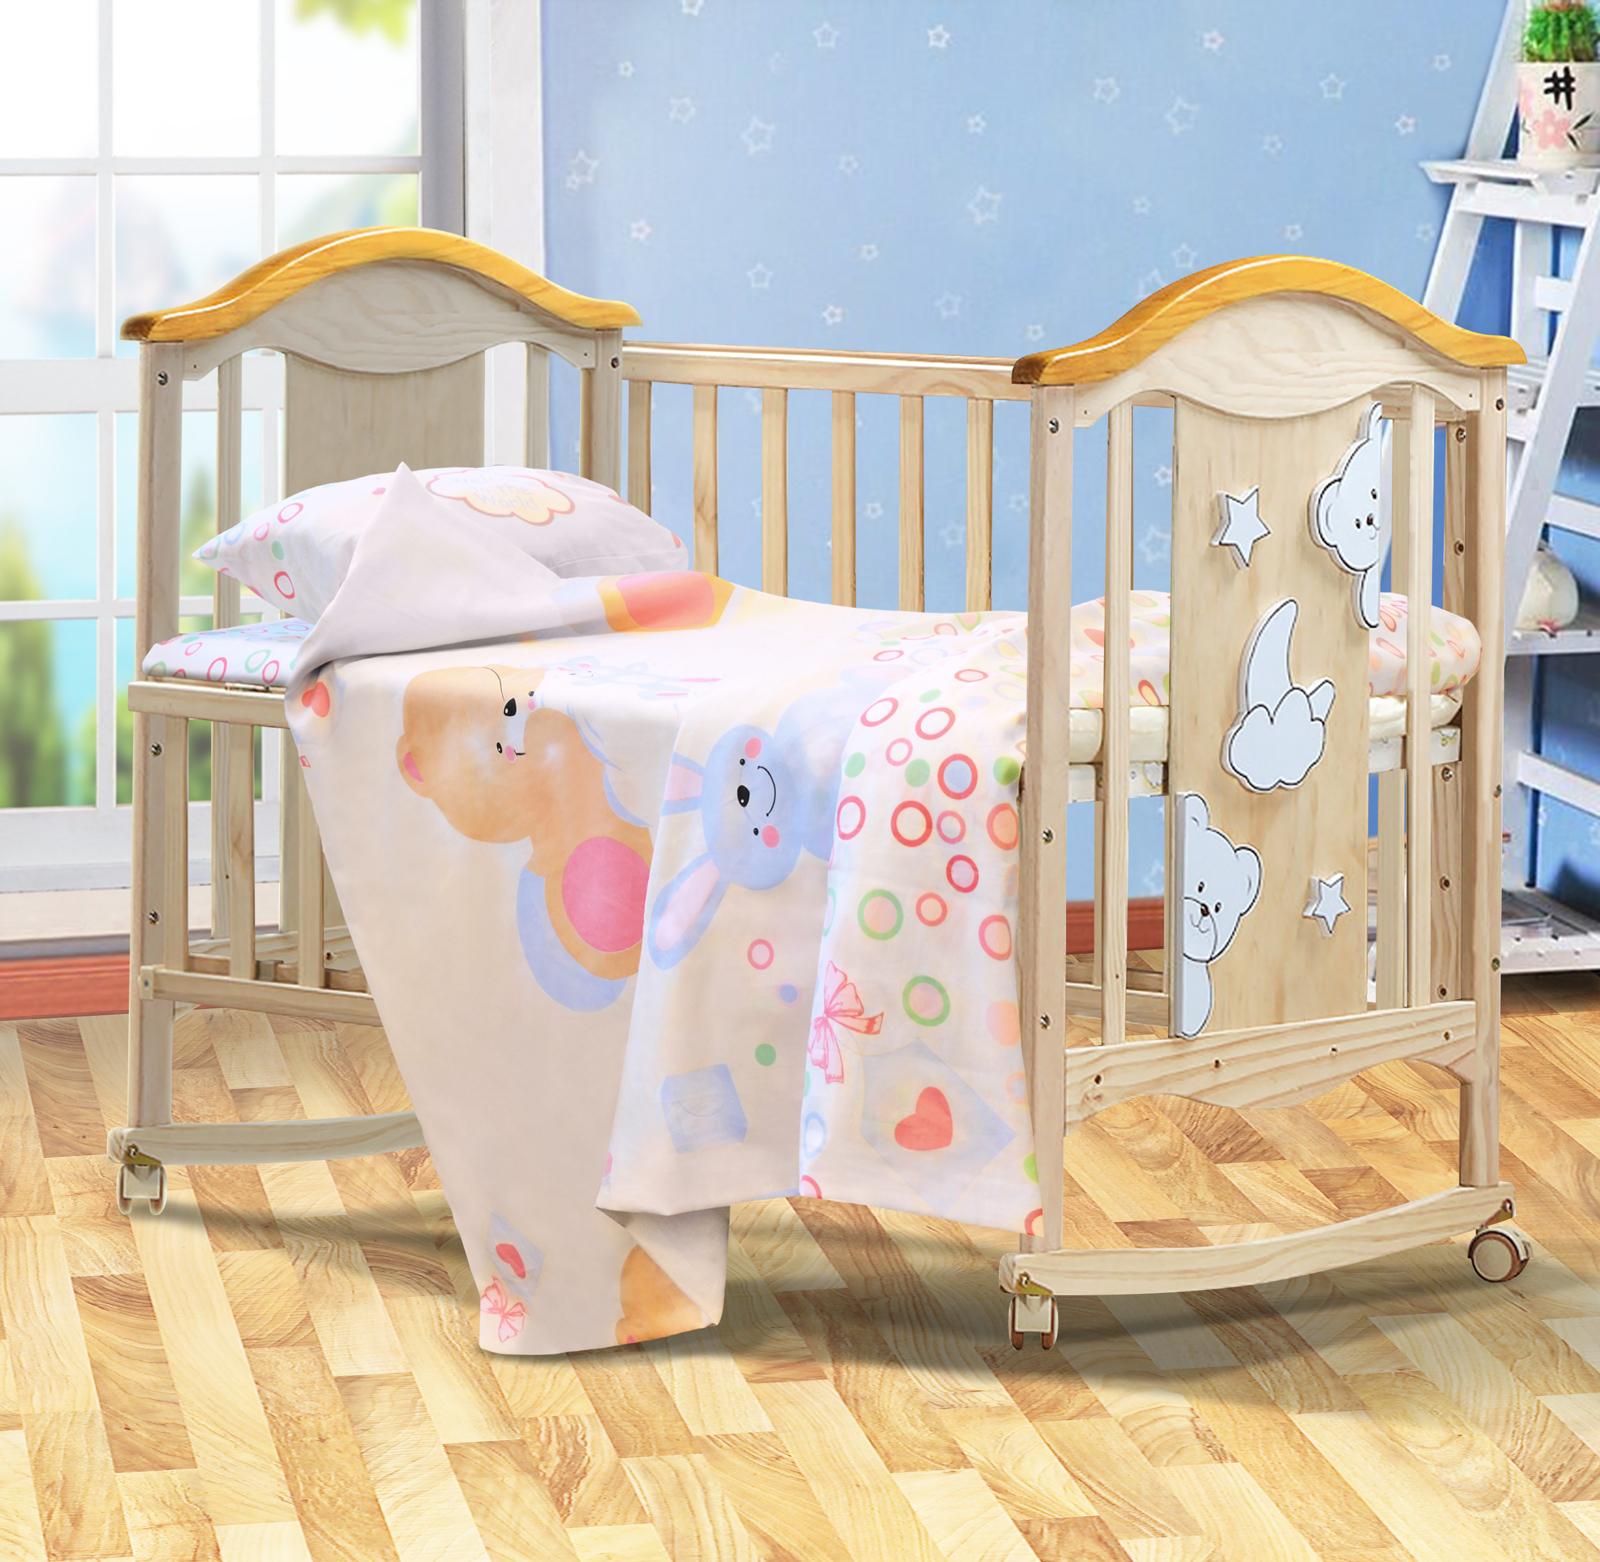 купить Комплект постельного белья Bonne Fee Зайки по цене 1199 рублей